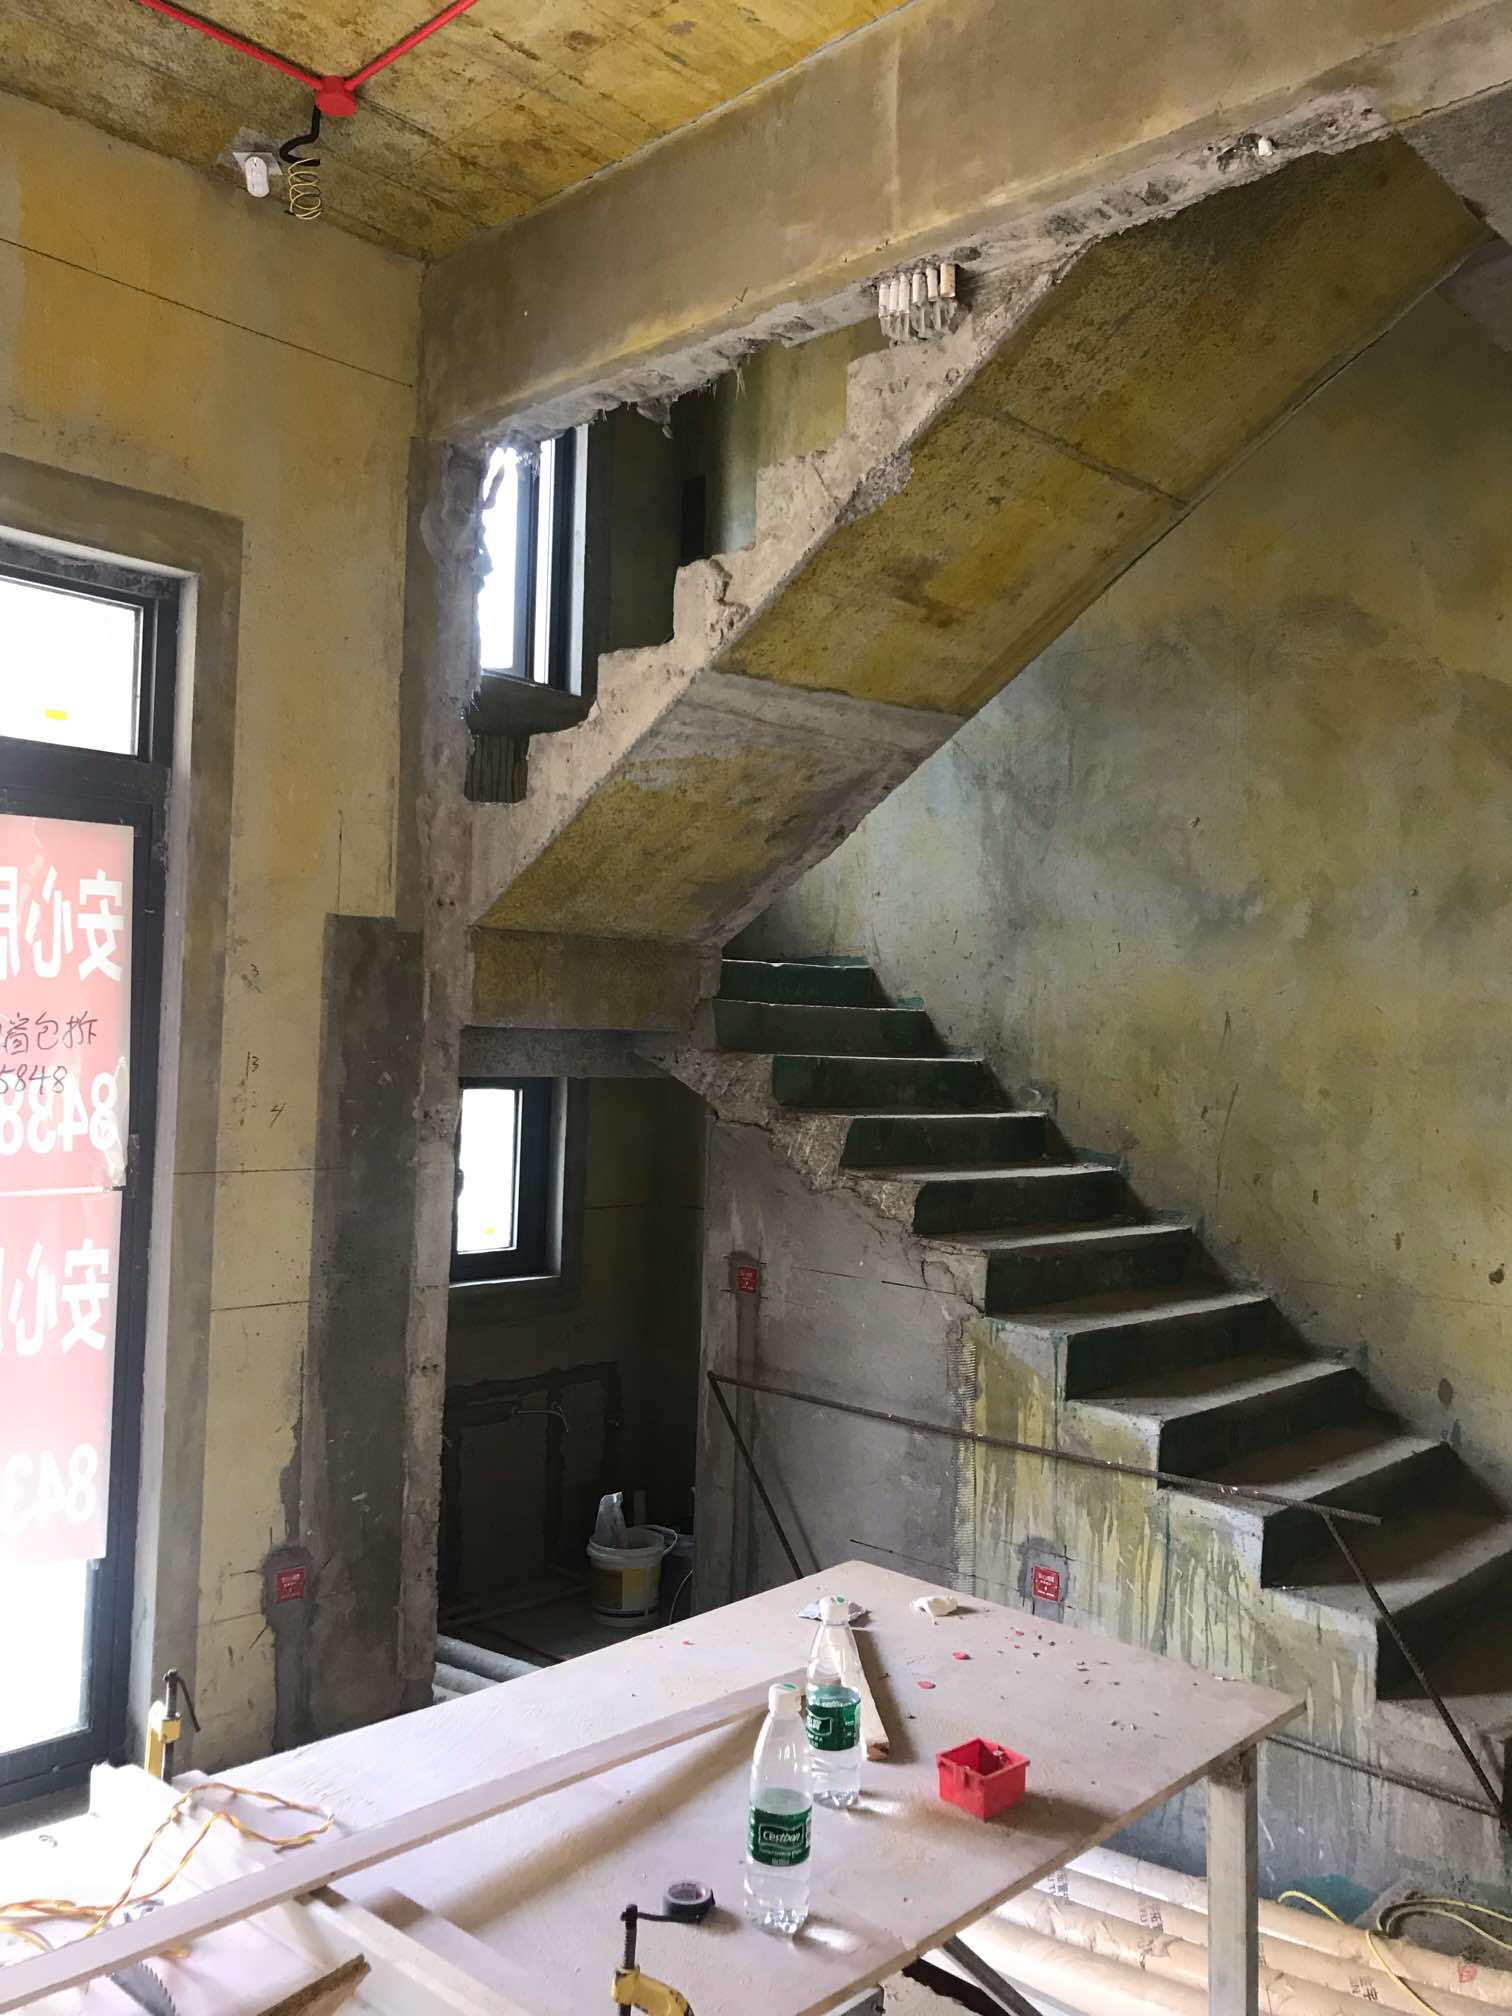 我的是碧桂园三层253平米的双拼小别墅!大师们给个建议做美式清澈做浅色还是深色好看!